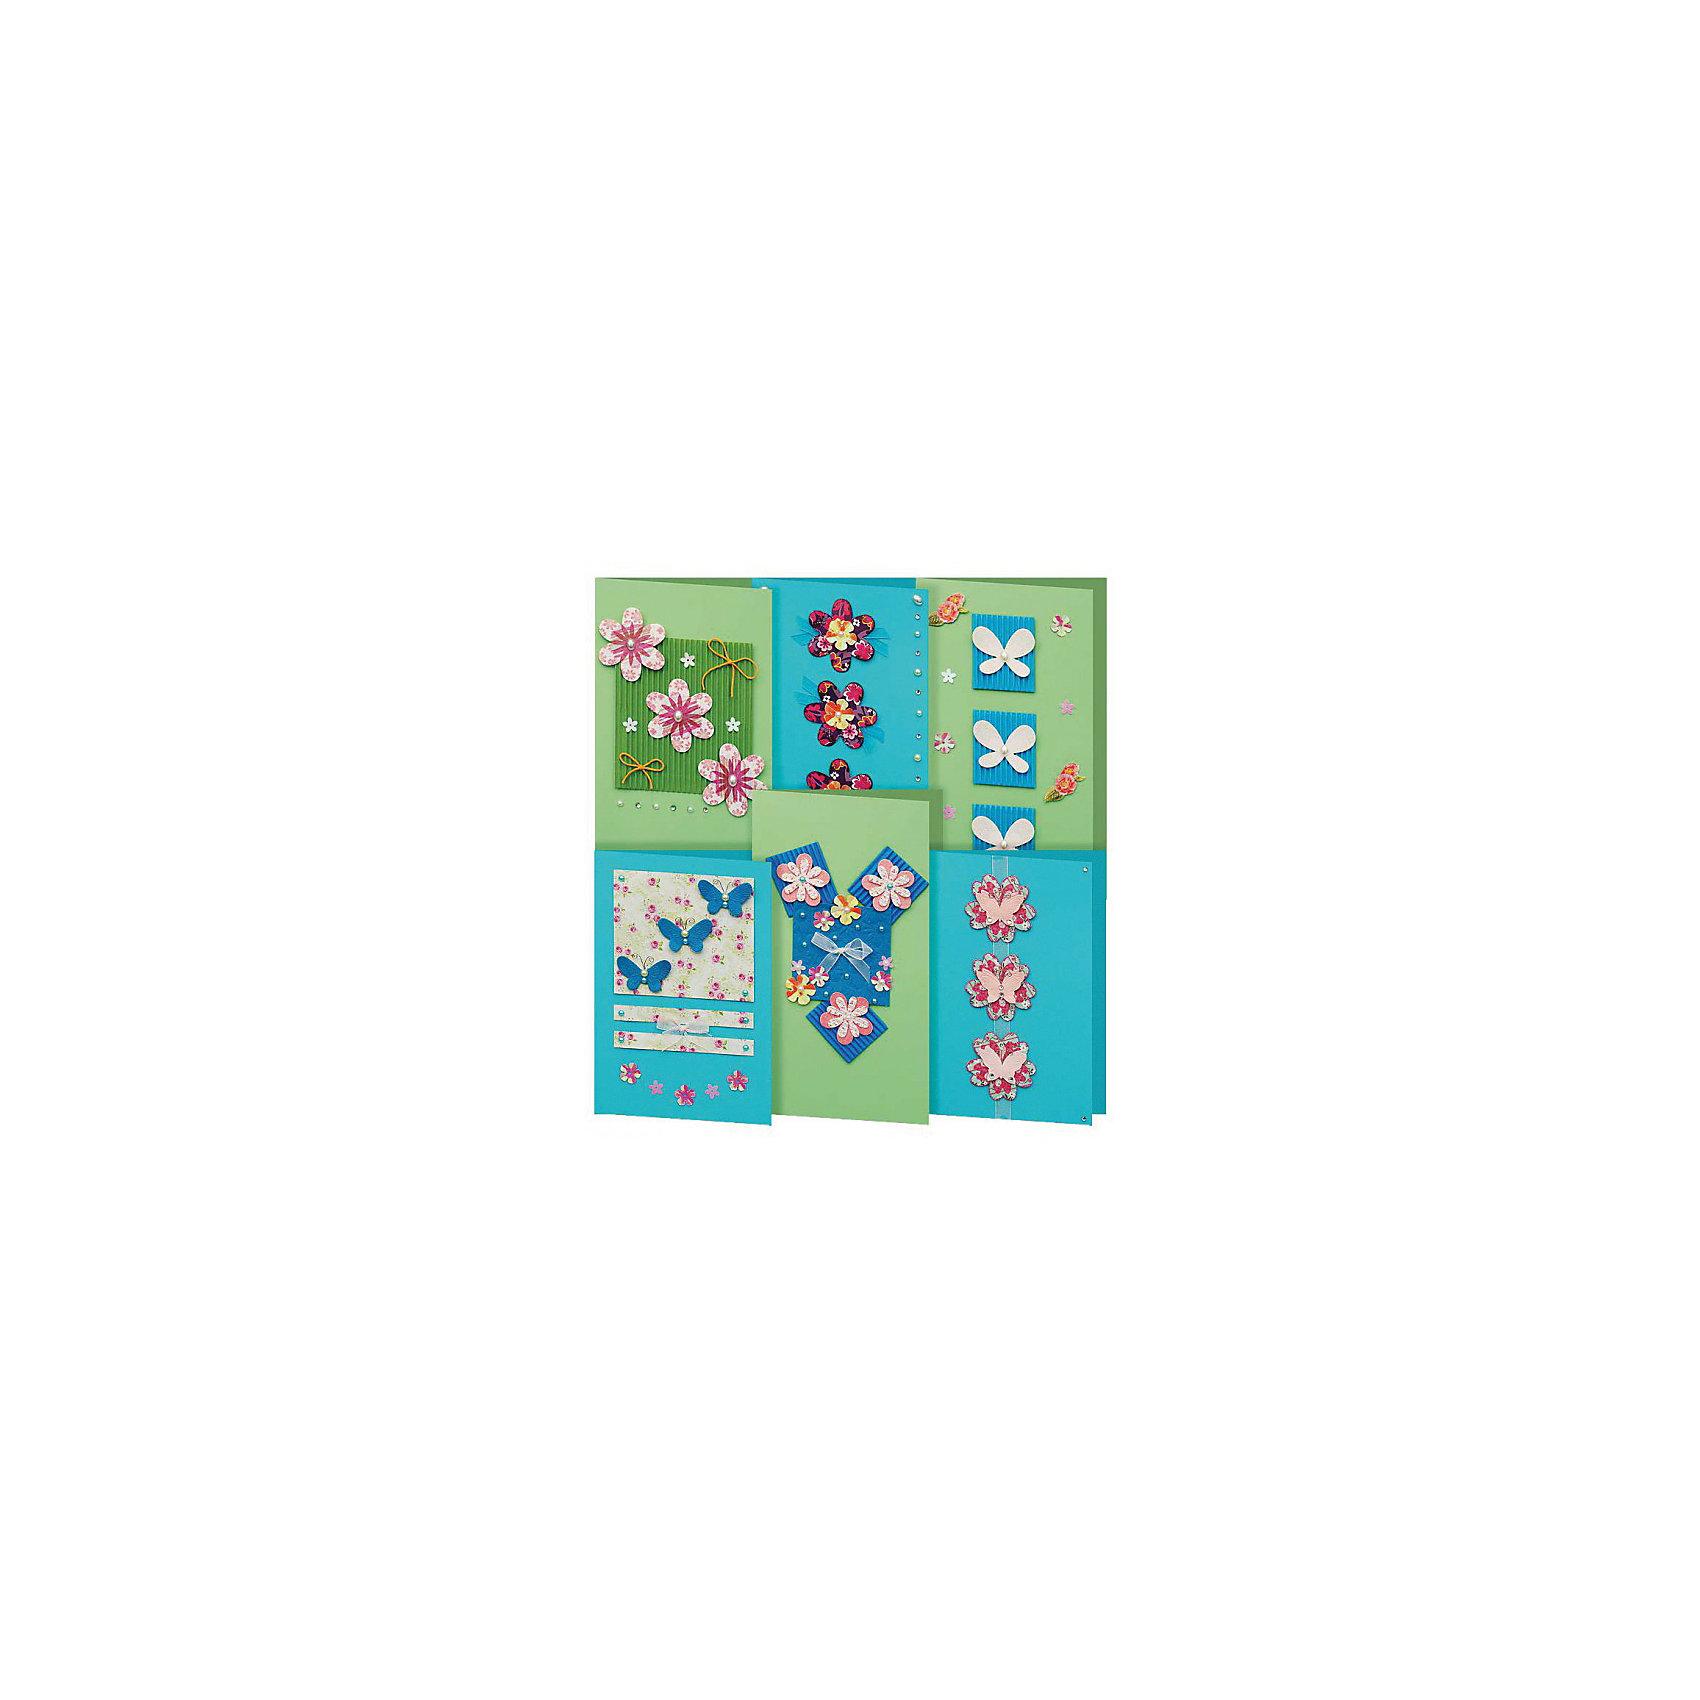 Скрапбукинг-набор для создания 6-ти открыток АквамаринСкрапбукинг-набор для создания 6-ти открыток Аквамарин, Белоснежка.<br><br>Характеристики:<br><br>• содержит всё необходимое для создания открытки. <br>• в комплекте: 6 основ для открытки, 6 конвертов, картон, клеевые подушечки, ленты, вырубка из бумаги, пайетки, стразы<br>• размер: 11,5х17 см<br><br>С помощью набора Аквамарин Вы сможете сделать 6 ярких и стильных открыток своими руками. В наборе есть всё, что потребуется для творчества: основы для открыток, декоративные элементы и даже конверты. Вы можете воспользоваться подсказками на упаковке или проявить свою фантазию. Но, в любом случае, результат вас порадует!<br><br>Скрапбукинг-набор для создания 6-ти открыток Аквамарин вы можете купить в нашем интернет-магазине.<br><br>Ширина мм: 270<br>Глубина мм: 150<br>Высота мм: 60<br>Вес г: 292<br>Возраст от месяцев: 72<br>Возраст до месяцев: 144<br>Пол: Женский<br>Возраст: Детский<br>SKU: 5089623